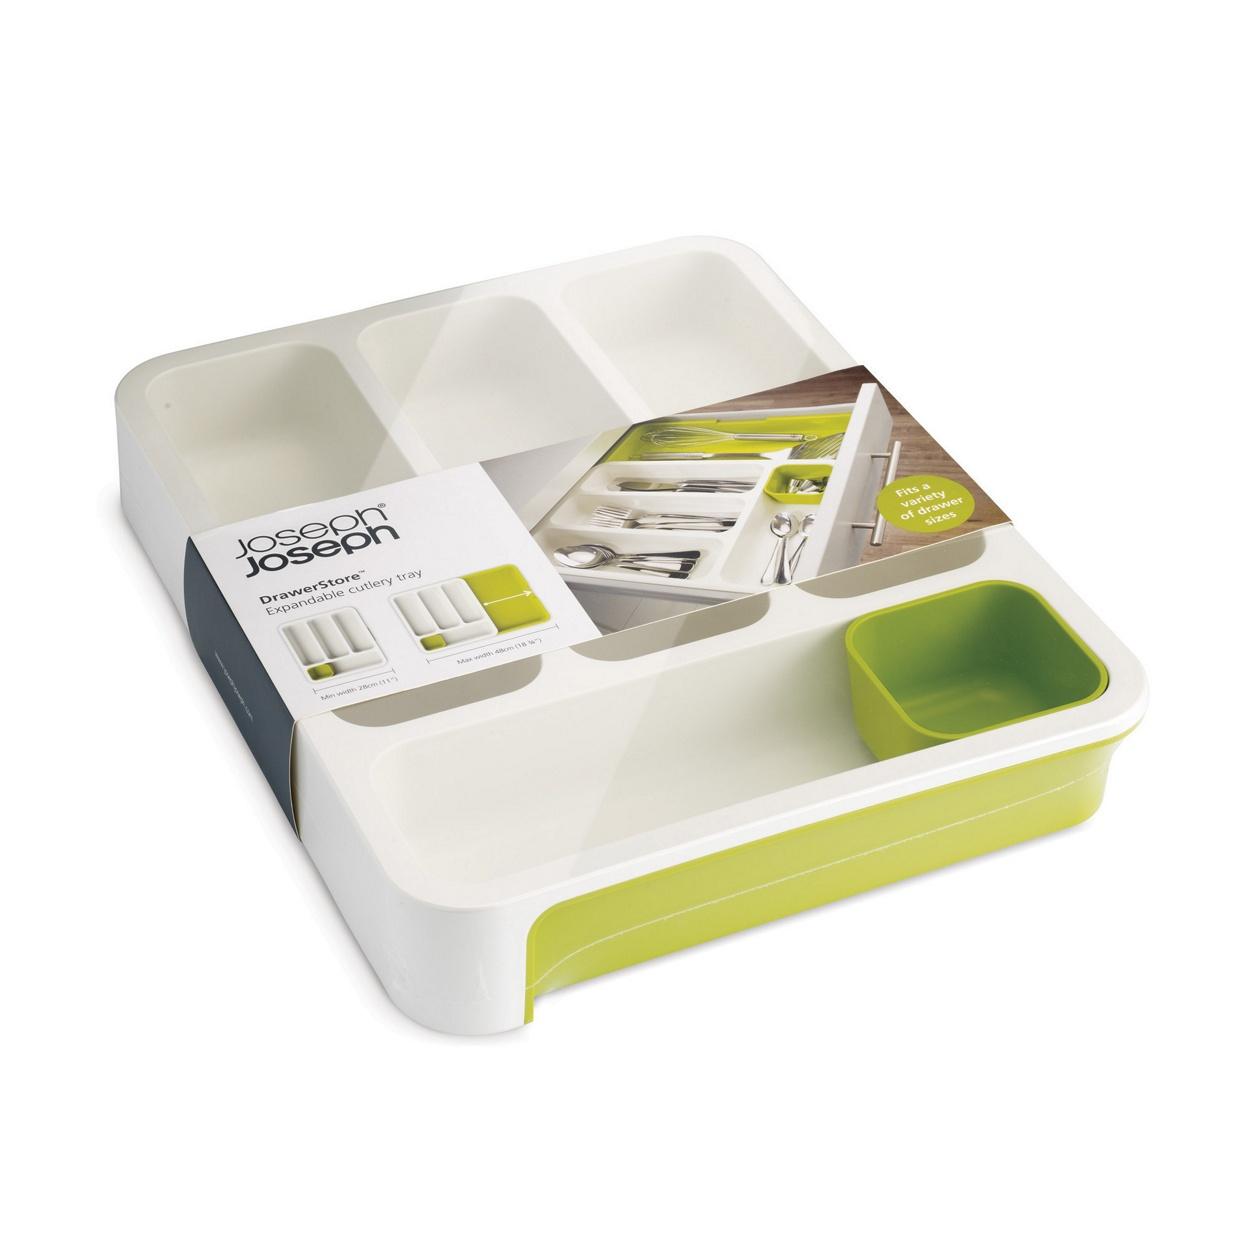 Лоток раздвижной для столовых приборов зеленыйХит продаж в Англии! Теперь и вы сможете купить его. Восхитительный органайзер-лоток для хранения столовых приборов поможет навести на кухне полный порядок и расставить все по местам. Благодаря специальной съемной части Вы сможете отрегулировать размер до желаемого и поместить в ящик. Лоток обладает специальной съемной ячейкой для хранения всякой мелочи как в лотке, так и вне его. Размеры (см): 36,5 x 28,3 x 5,5 (в сложеном виде); 36,5 x 48 x 5,5 (в разложенном виде)<br>